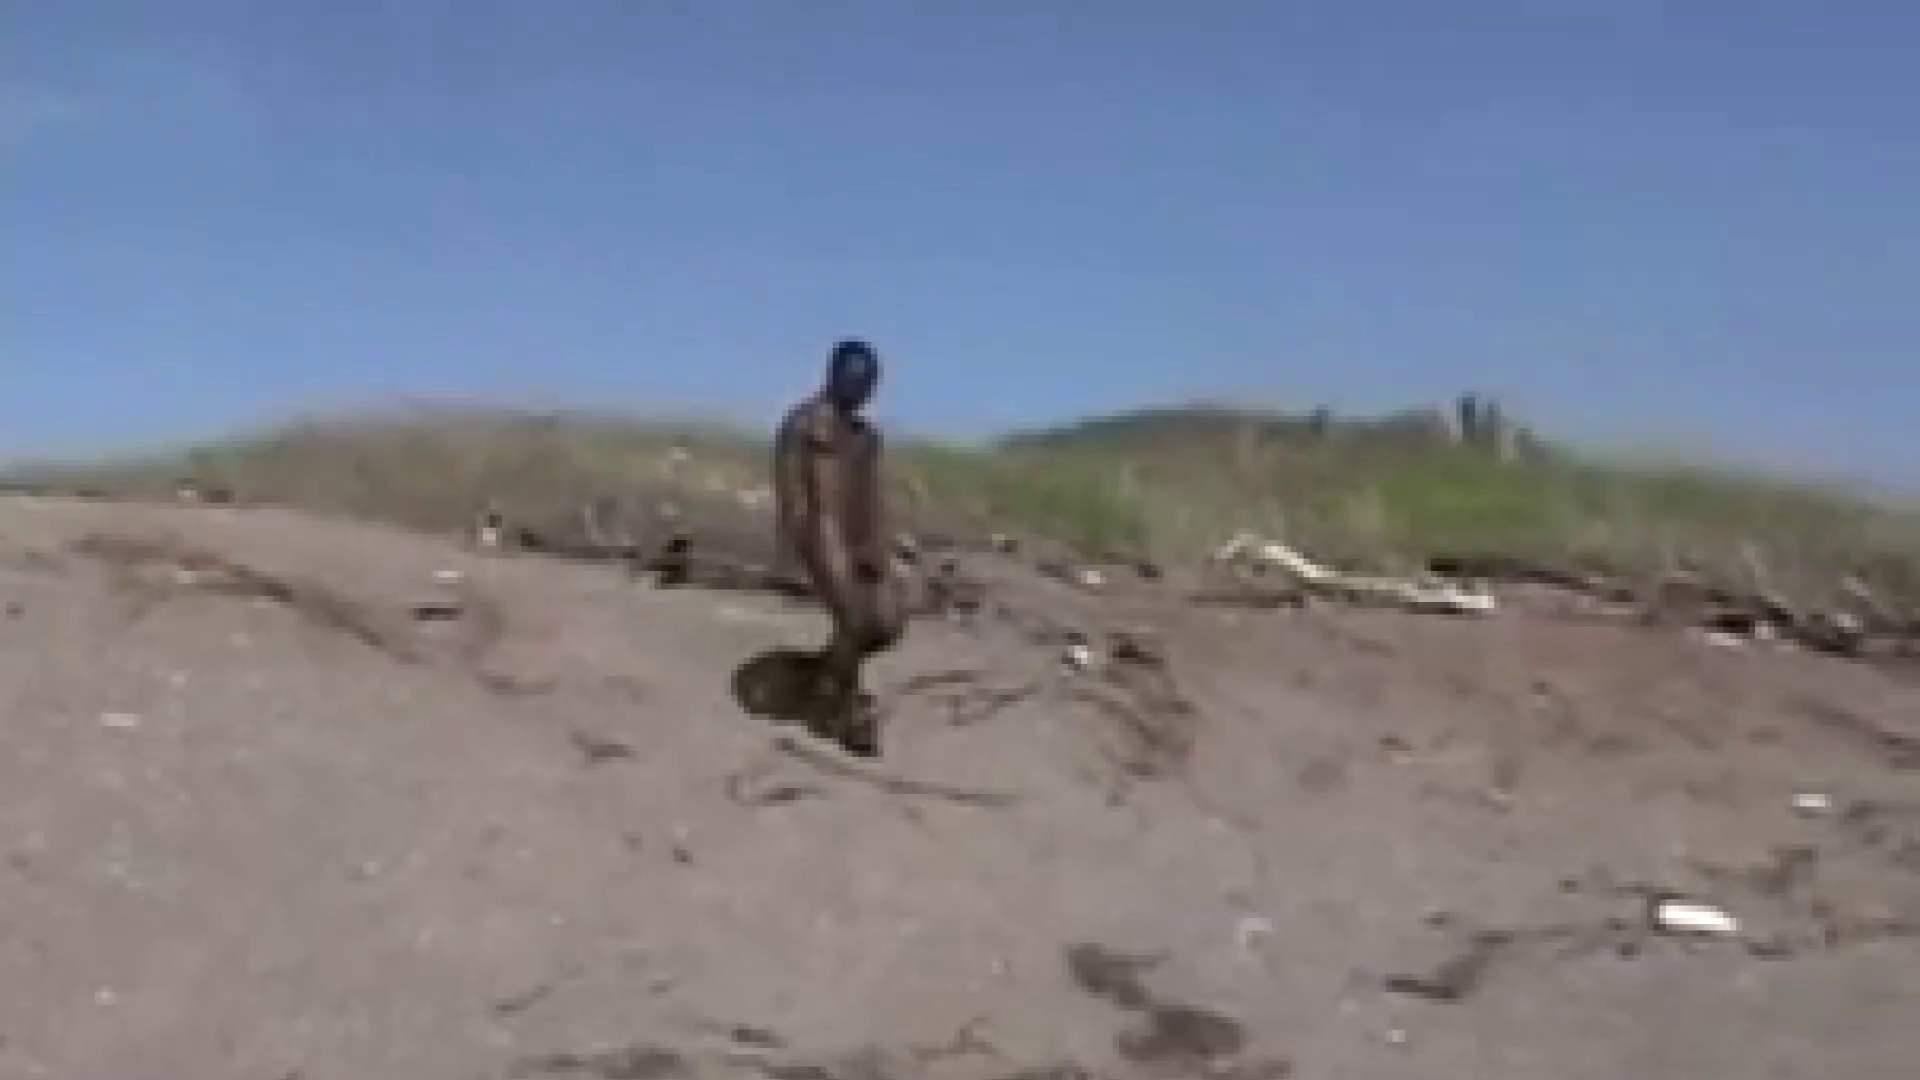 野生児 黒人のオナニー オナニー | 無修正 アダルトビデオ画像キャプチャ 109pic 7